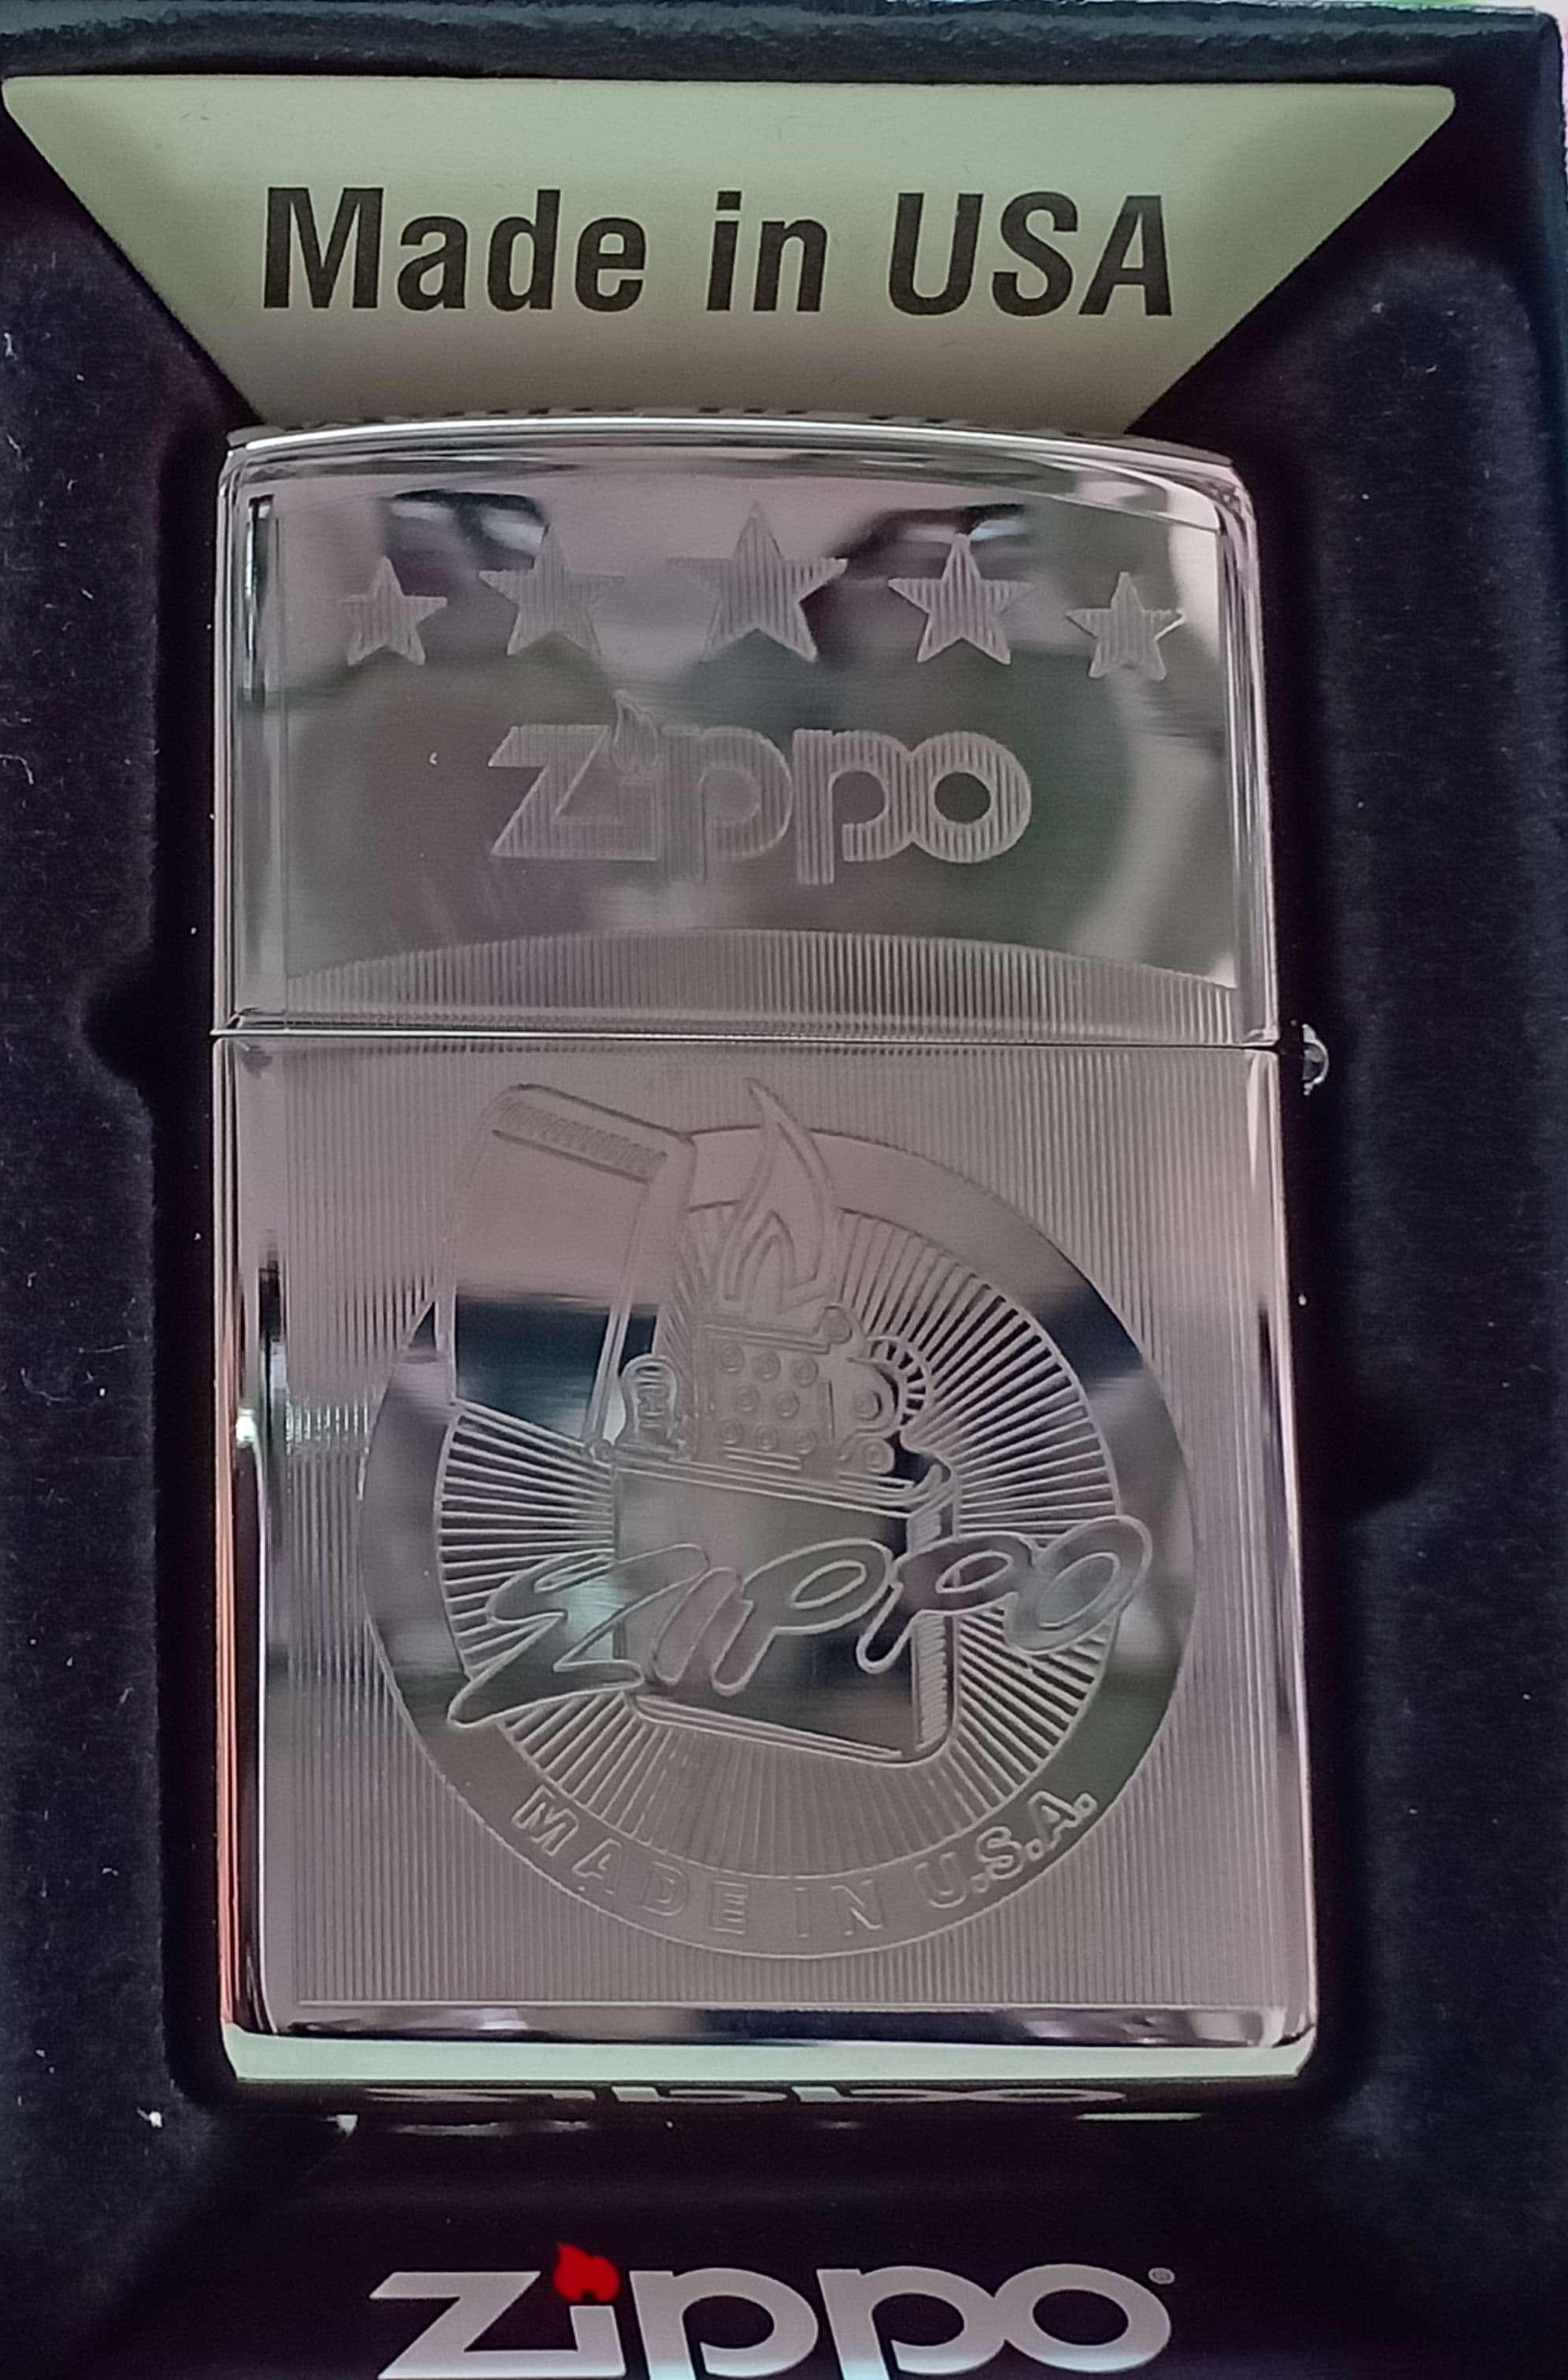 Zippo bong trang suot khac 2 mat chu zippo Z738 1